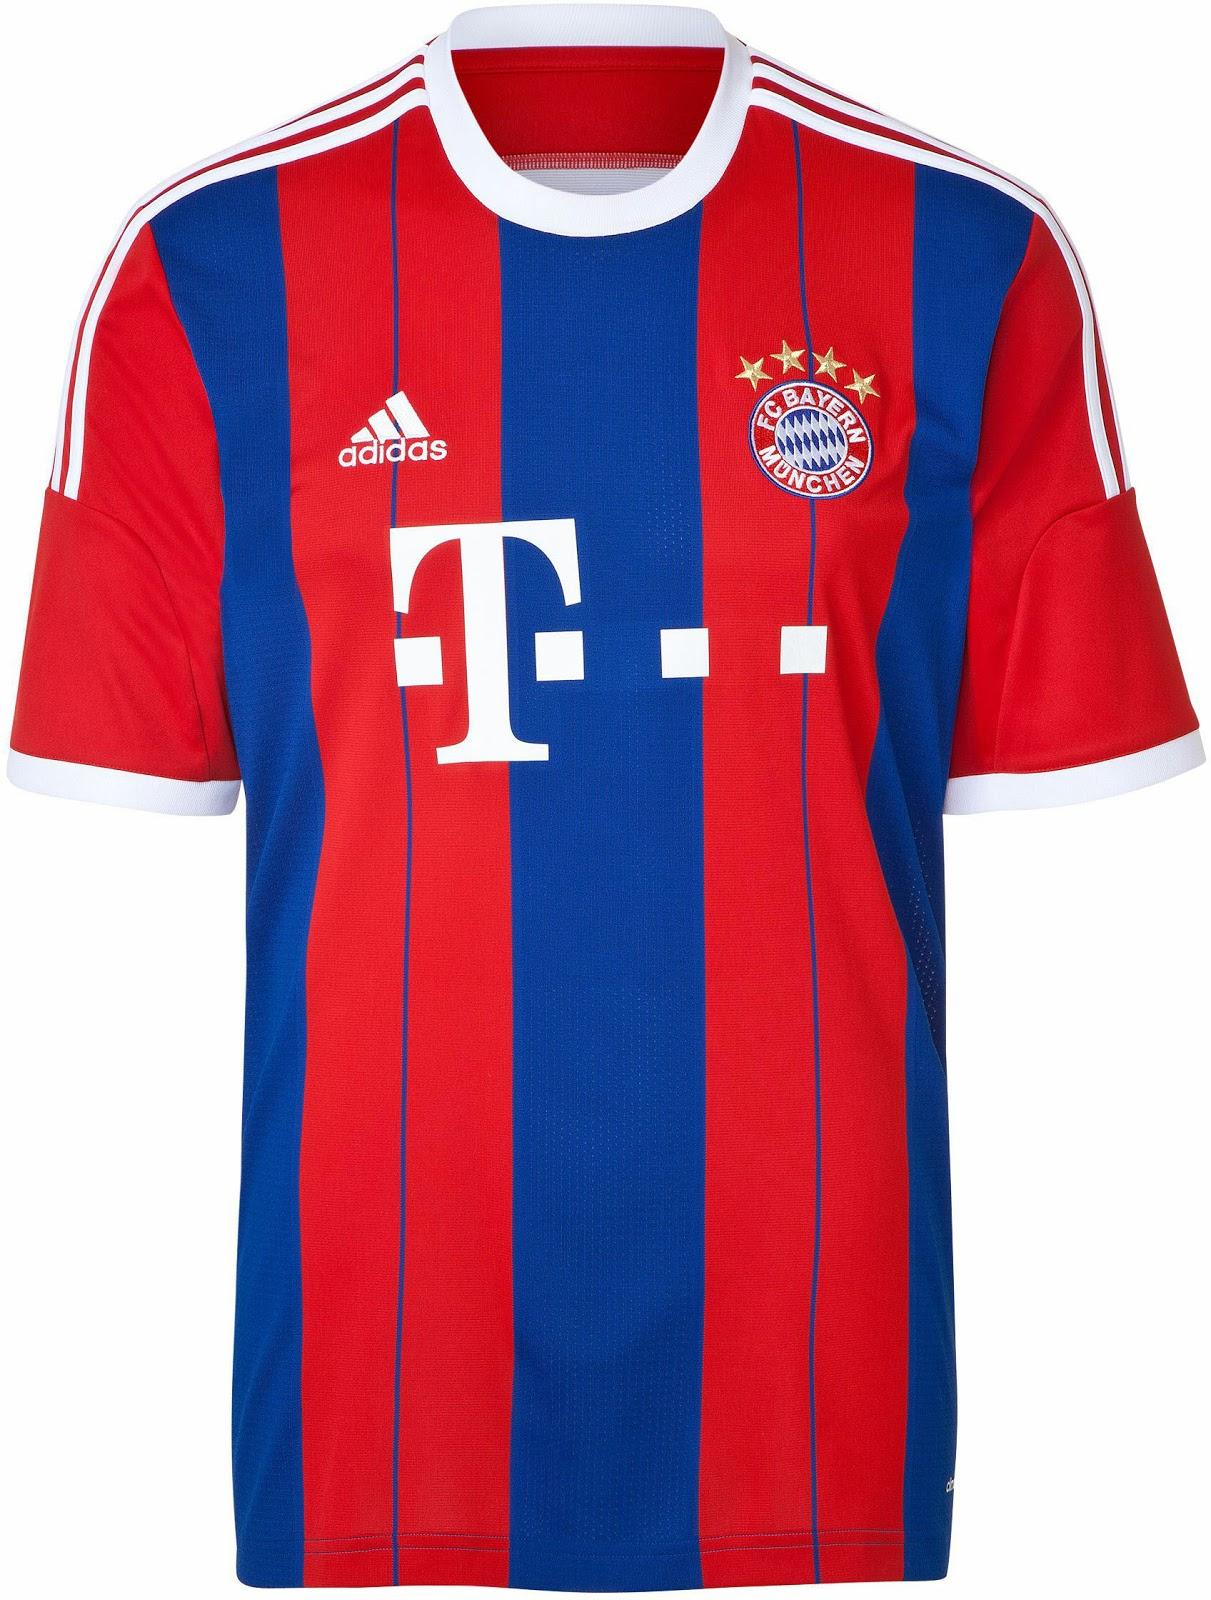 Bayern Munich Jersey 2014 2015